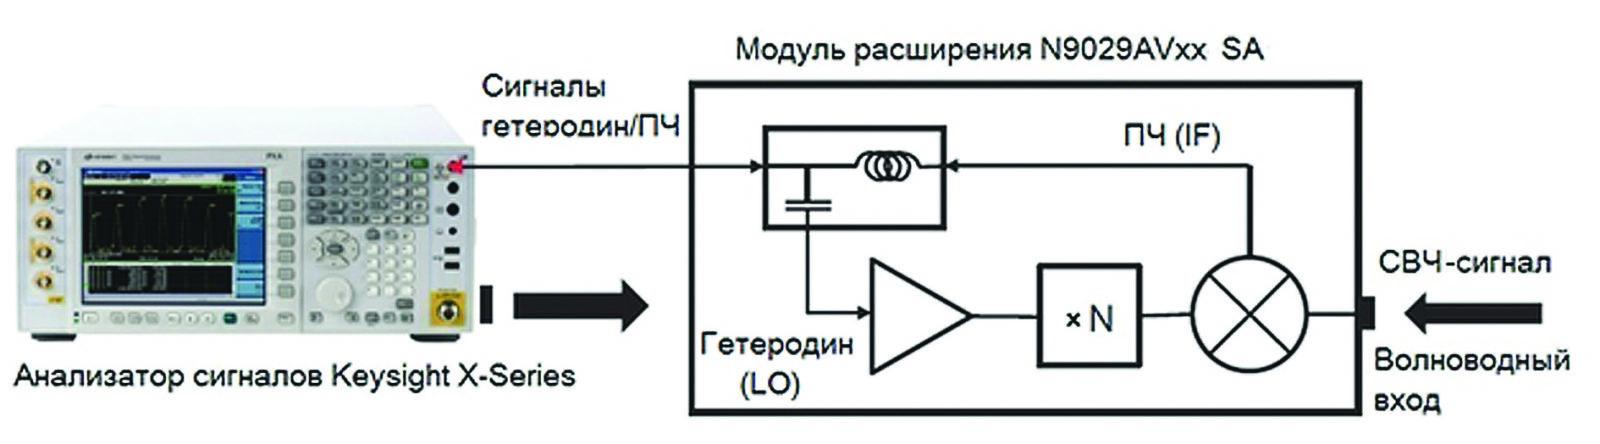 Модуль расширения частот анализатора сигналов N9029AVxx, работающий в стандартном режиме